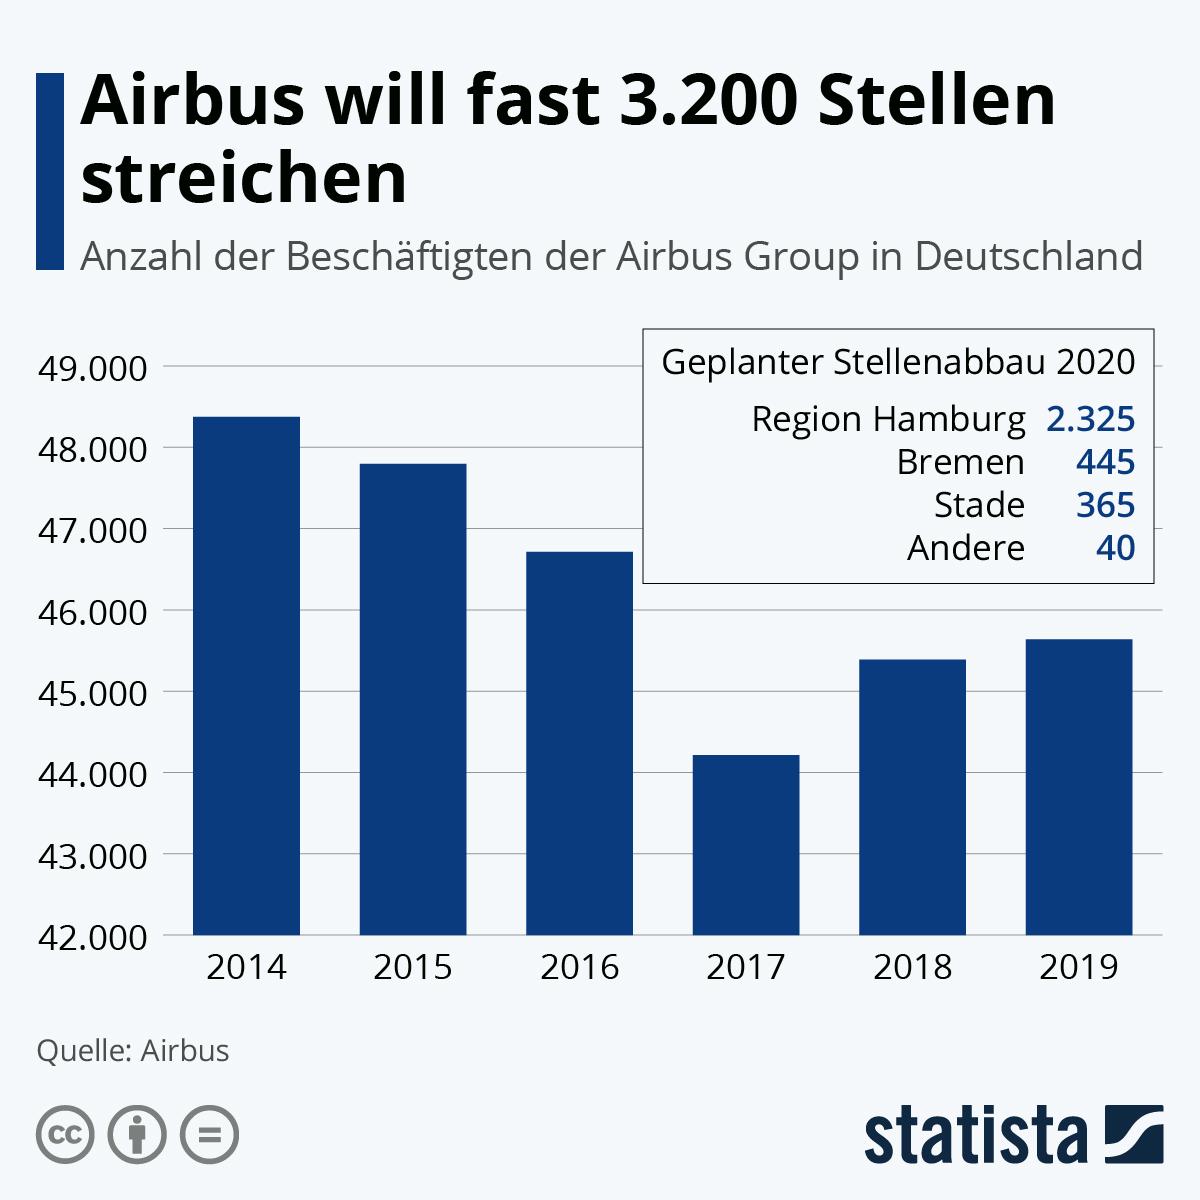 Infografik: Airbus will fast 3.200 Stellen streichen | Statista